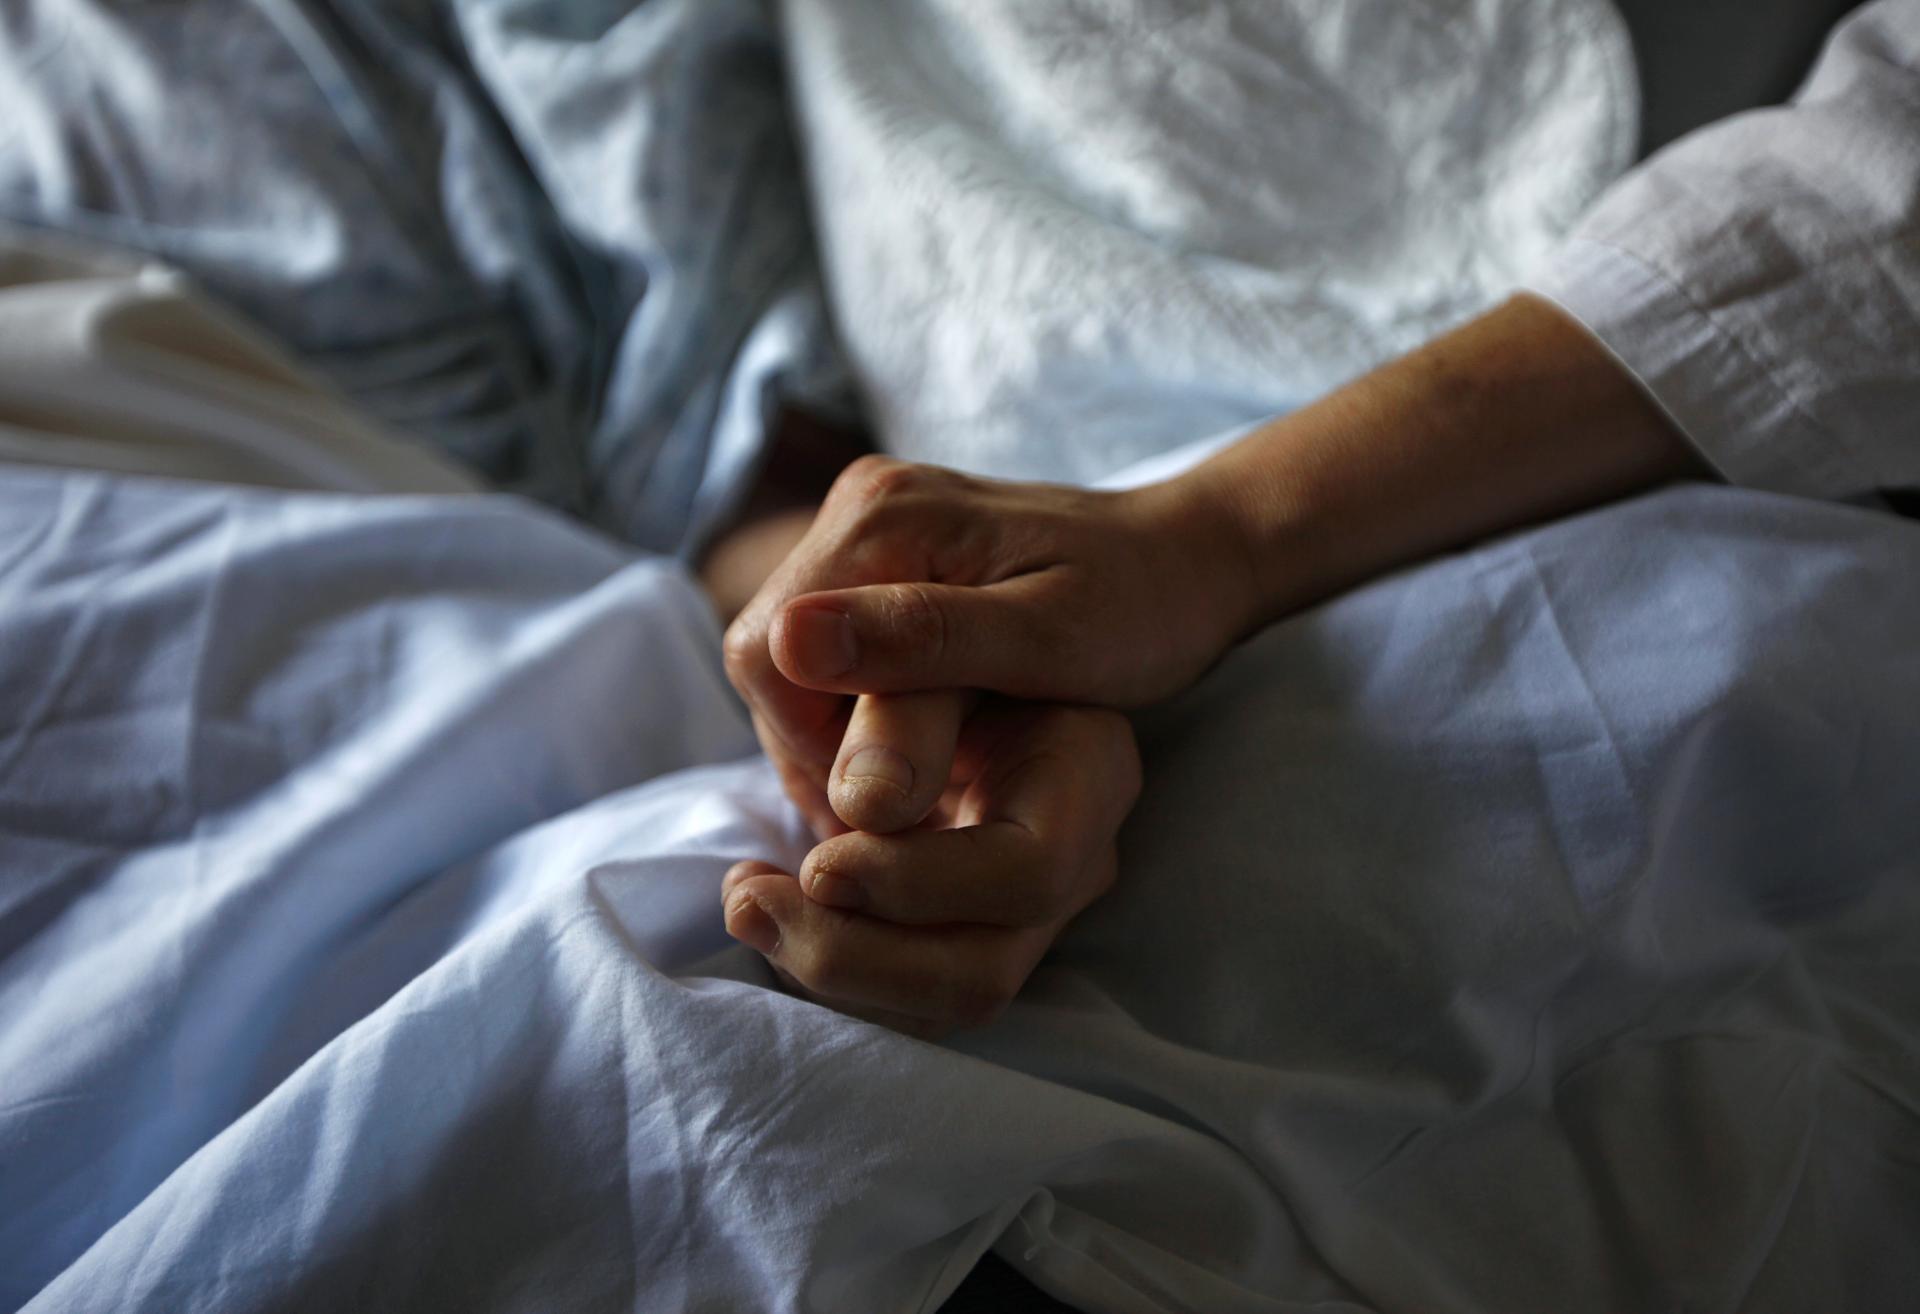 Una mujer sujeta la madre de su madre enferma de cáncer, en un hospital en EEUU. REUTERS